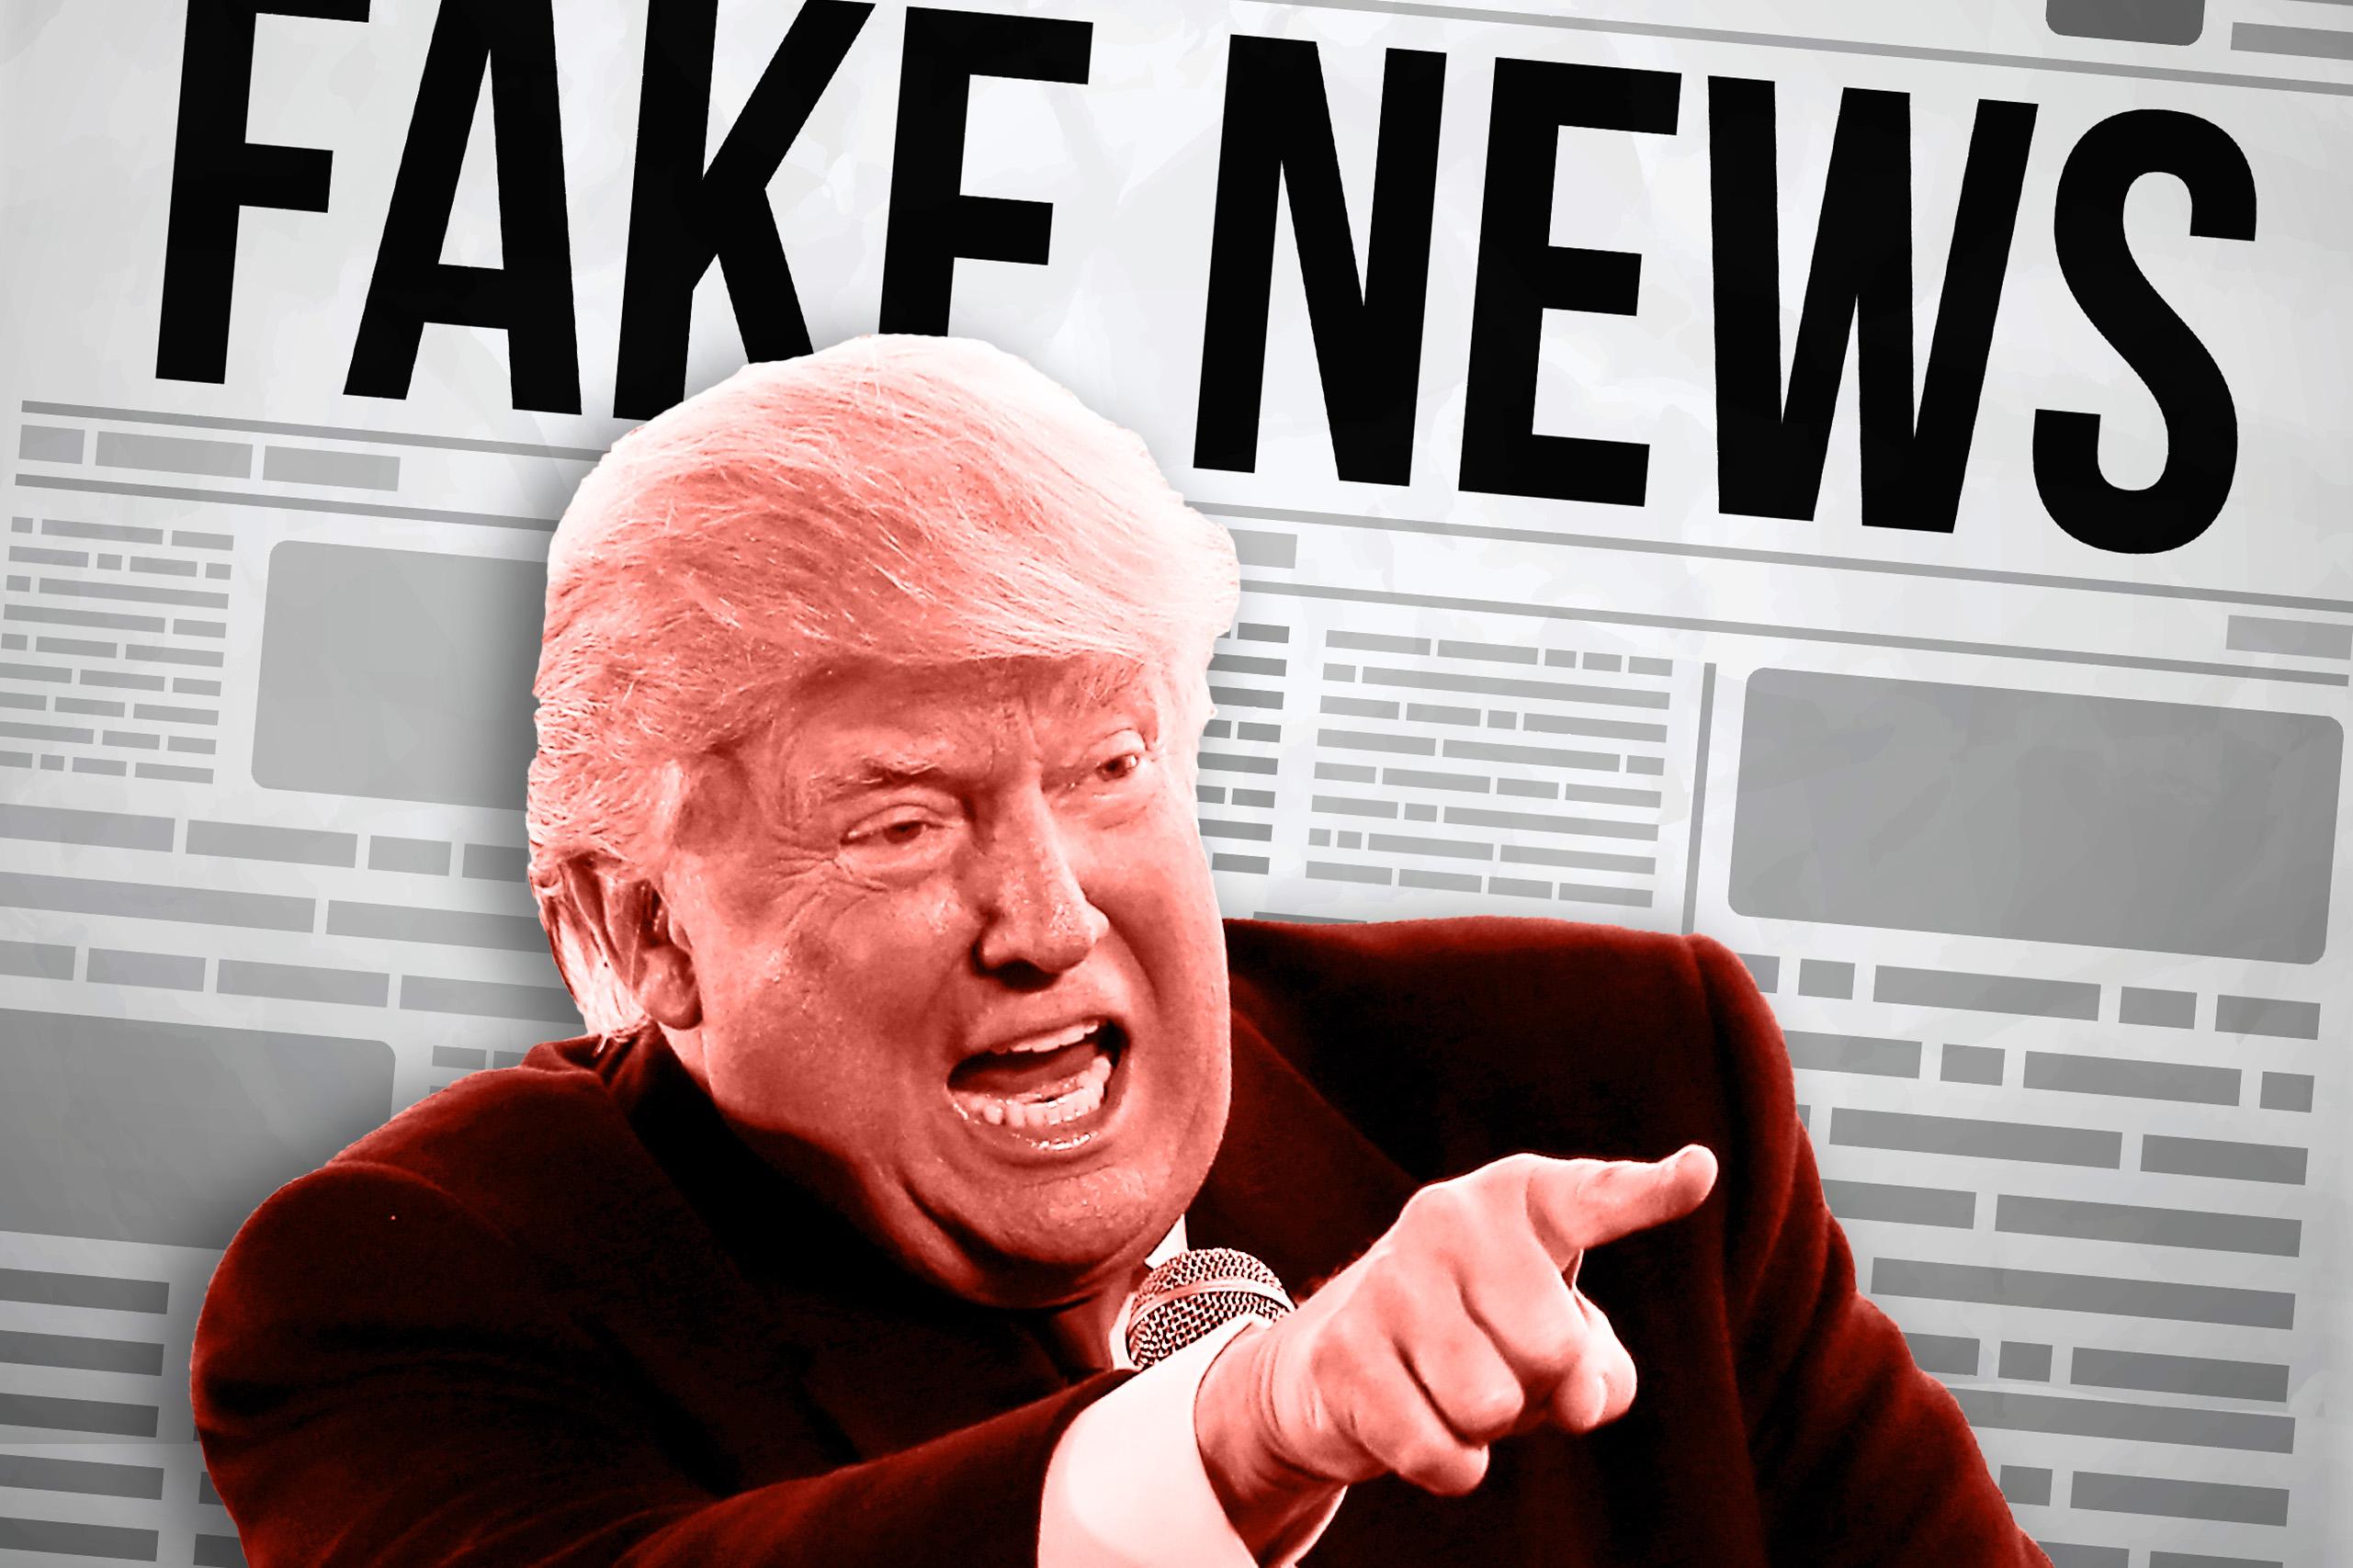 Fake, Fraud, Phony…